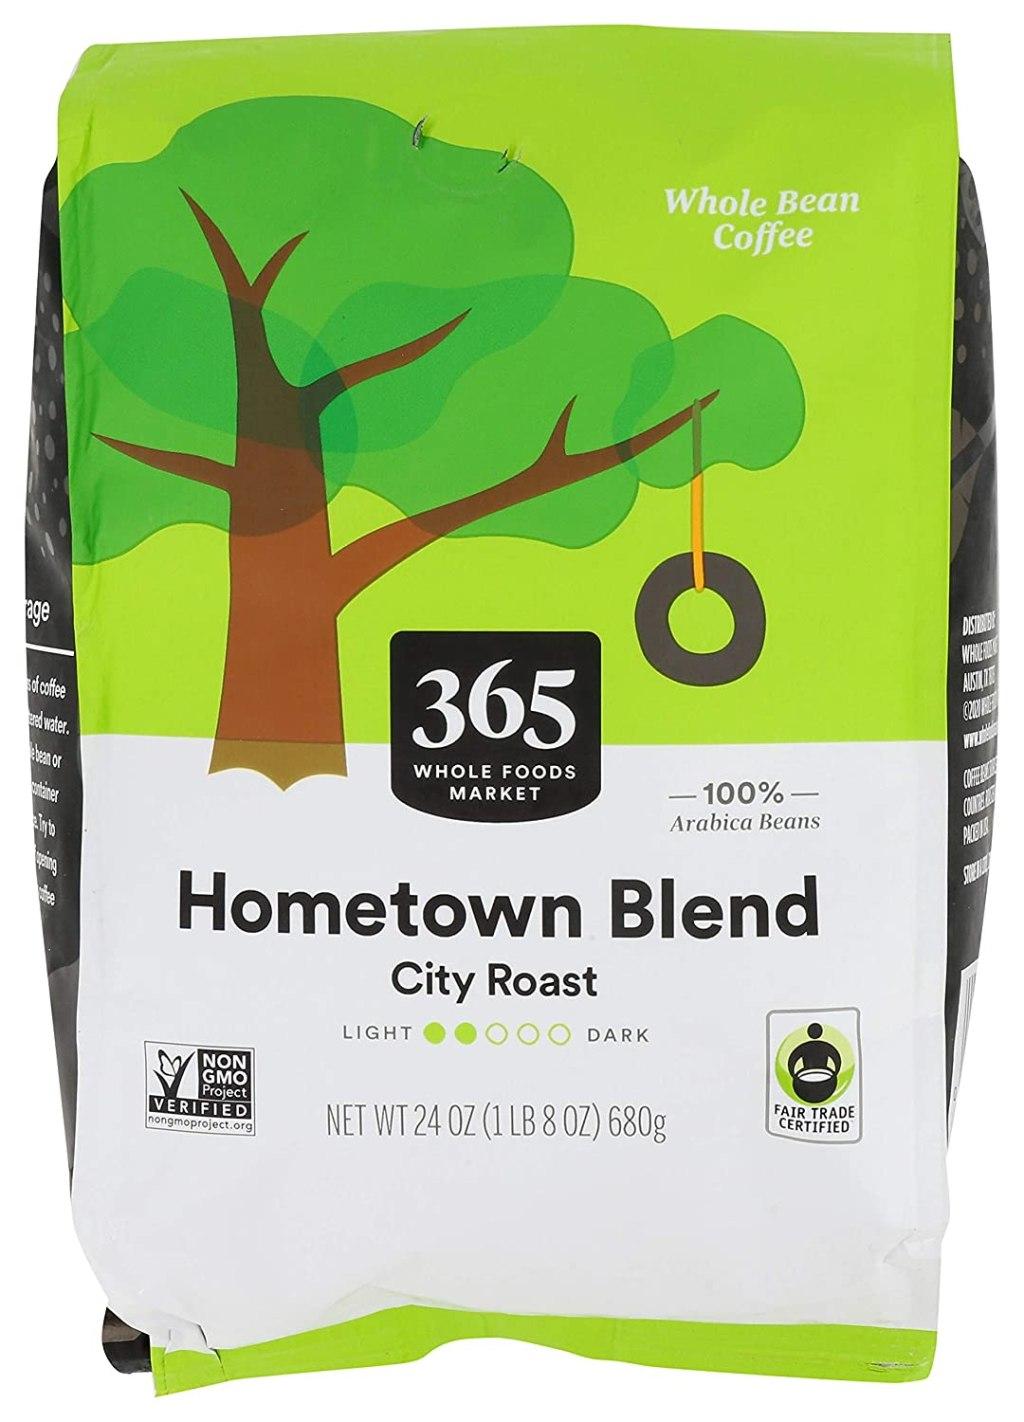 Hometown Blend Coffee 365